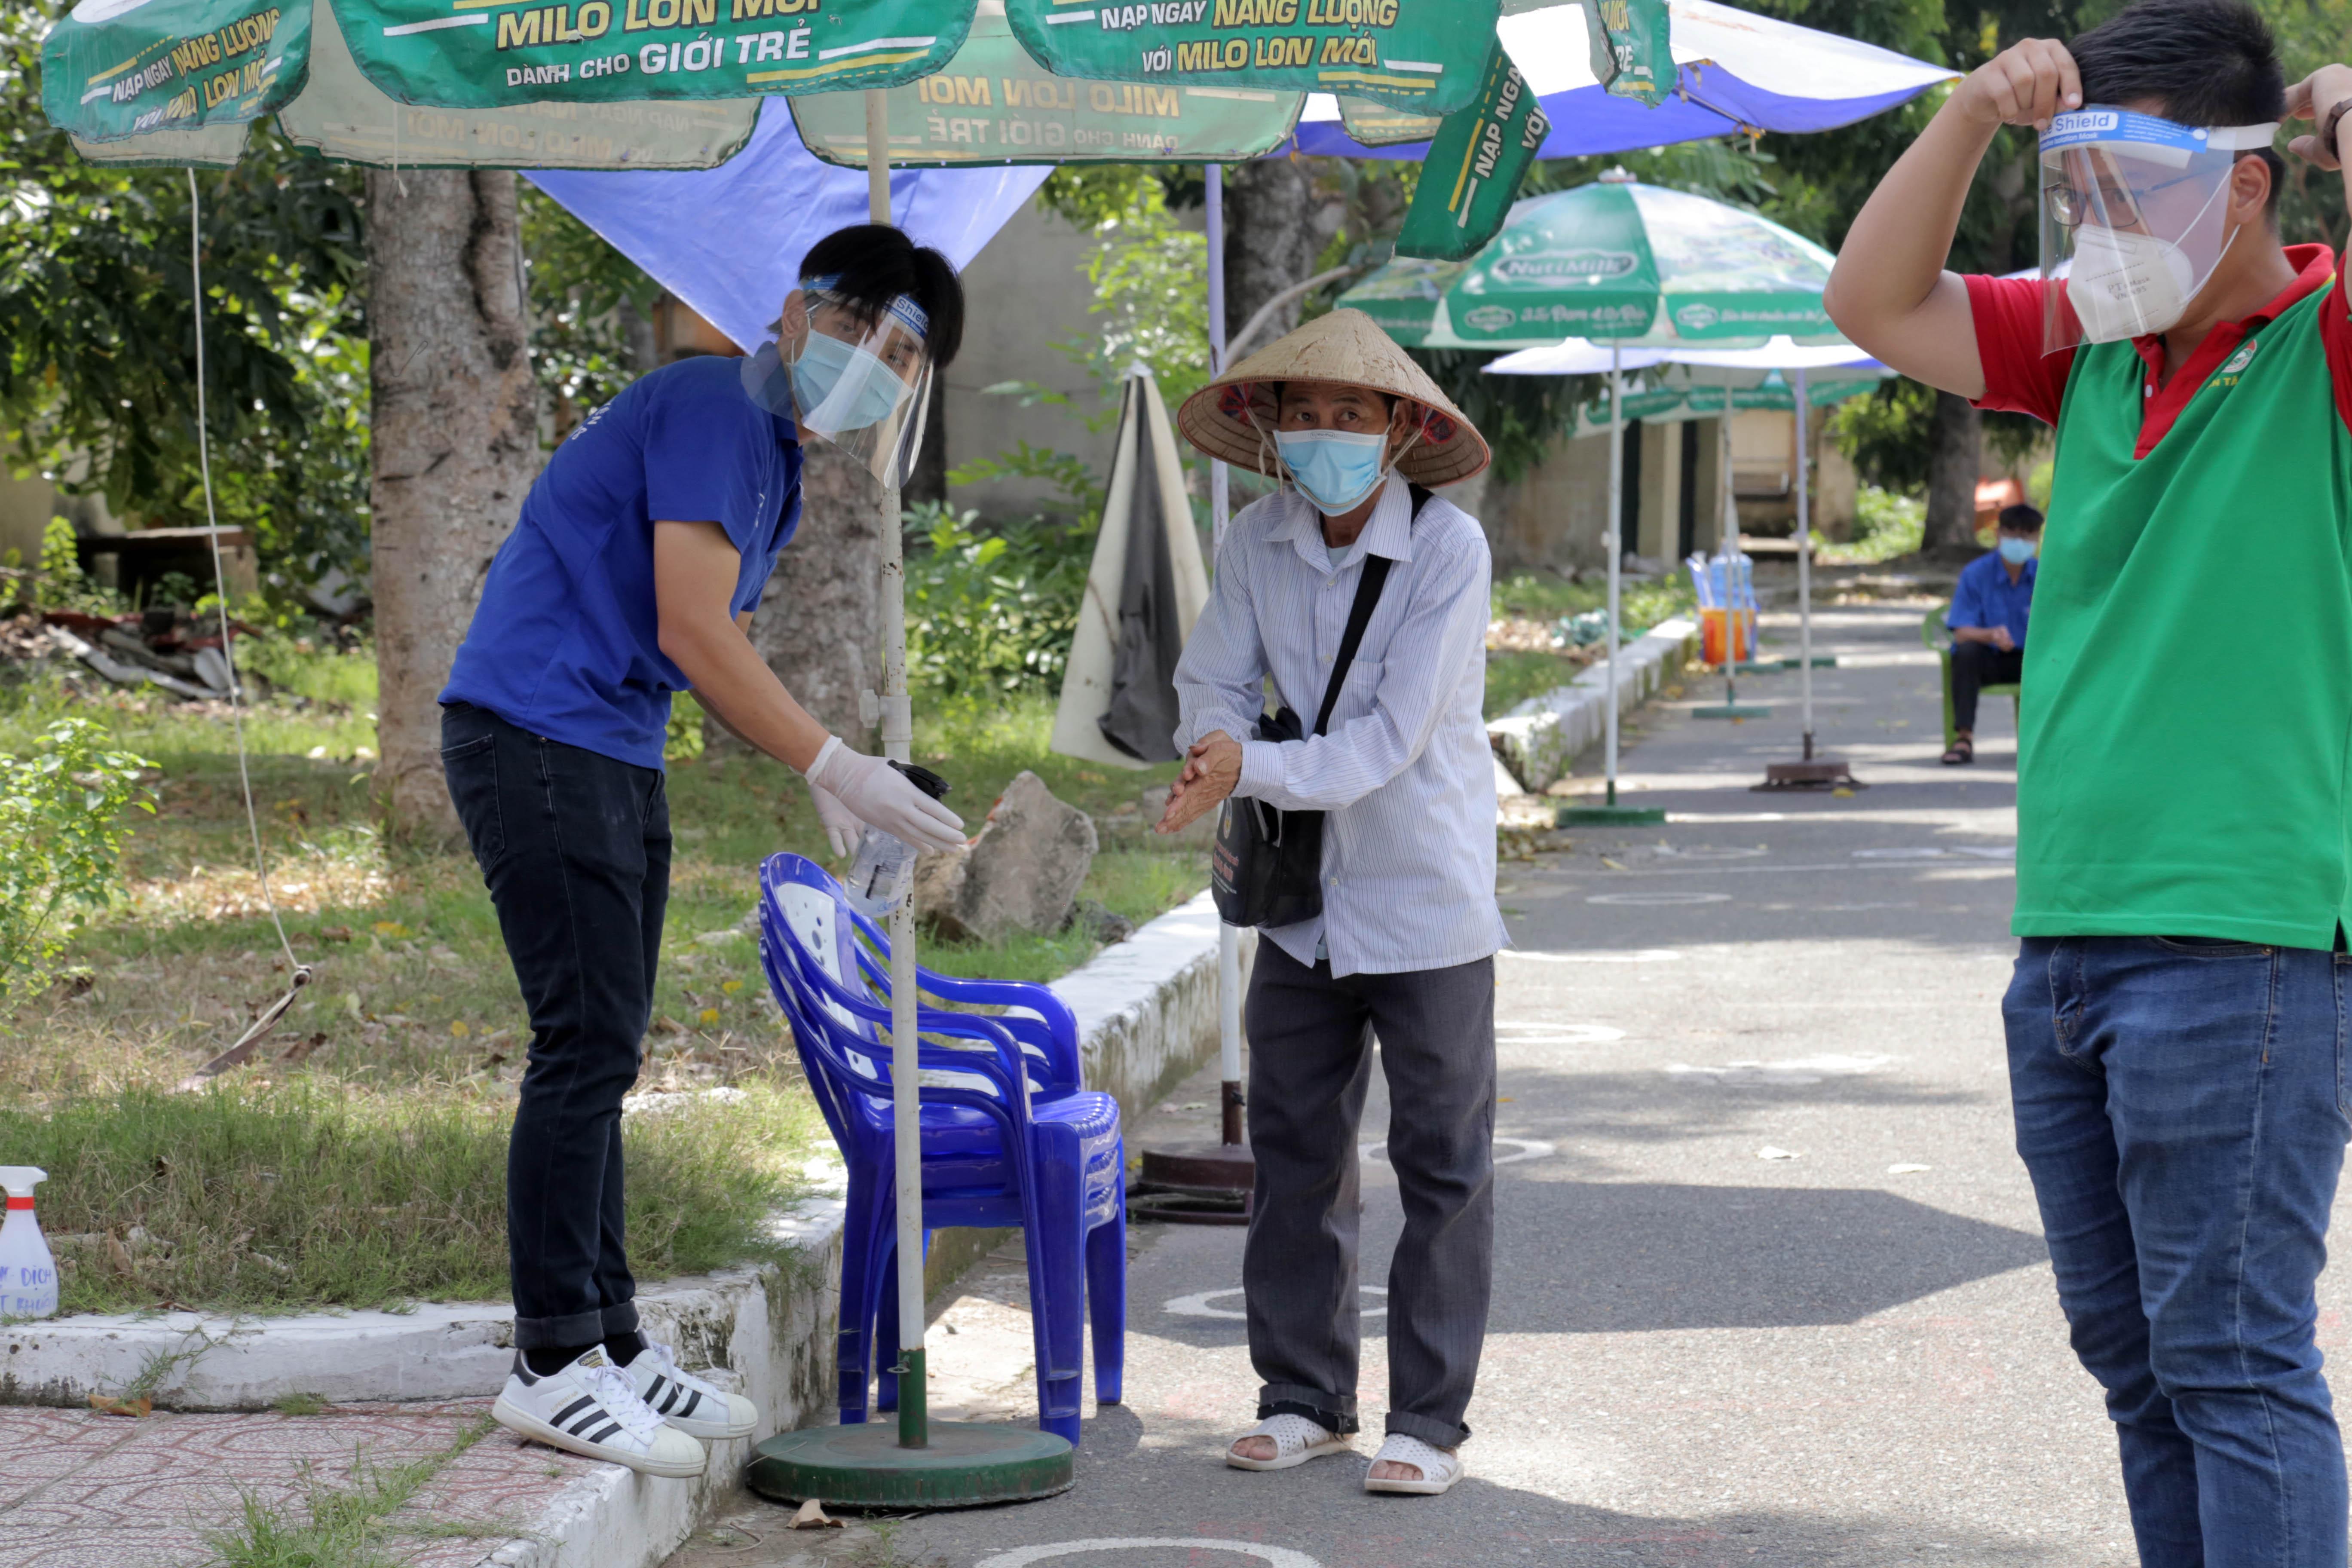 """""""ATM gạo"""" thứ 2 ở Sài Gòn hoạt động trong mùa dịch, bà con khó khăn chỉ cần đến """"máy sẽ tự động nhả gạo"""" - hình ảnh 5"""